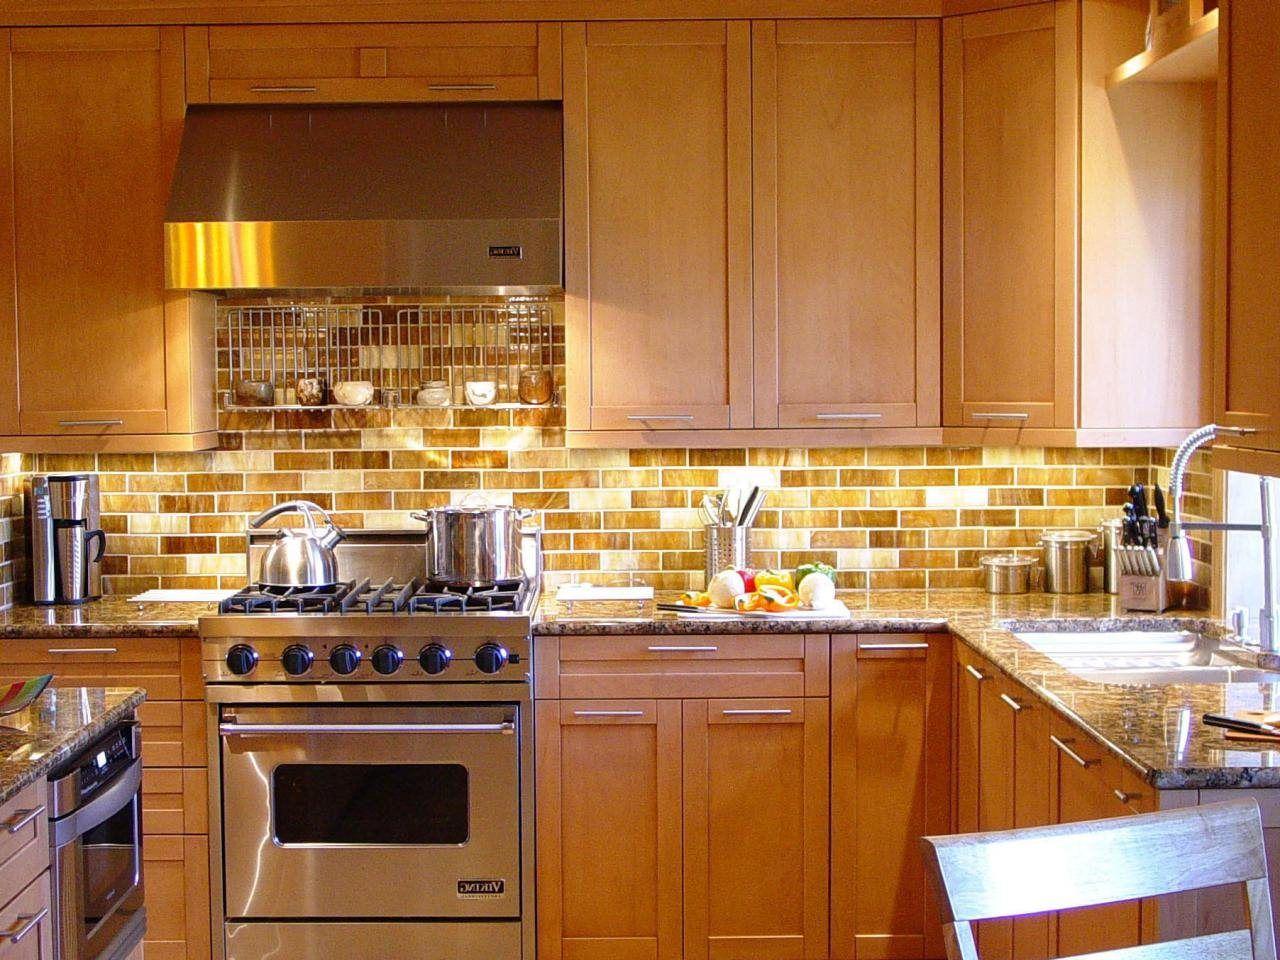 Tile kitchen backsplash subway choices ideas backsplashes slate